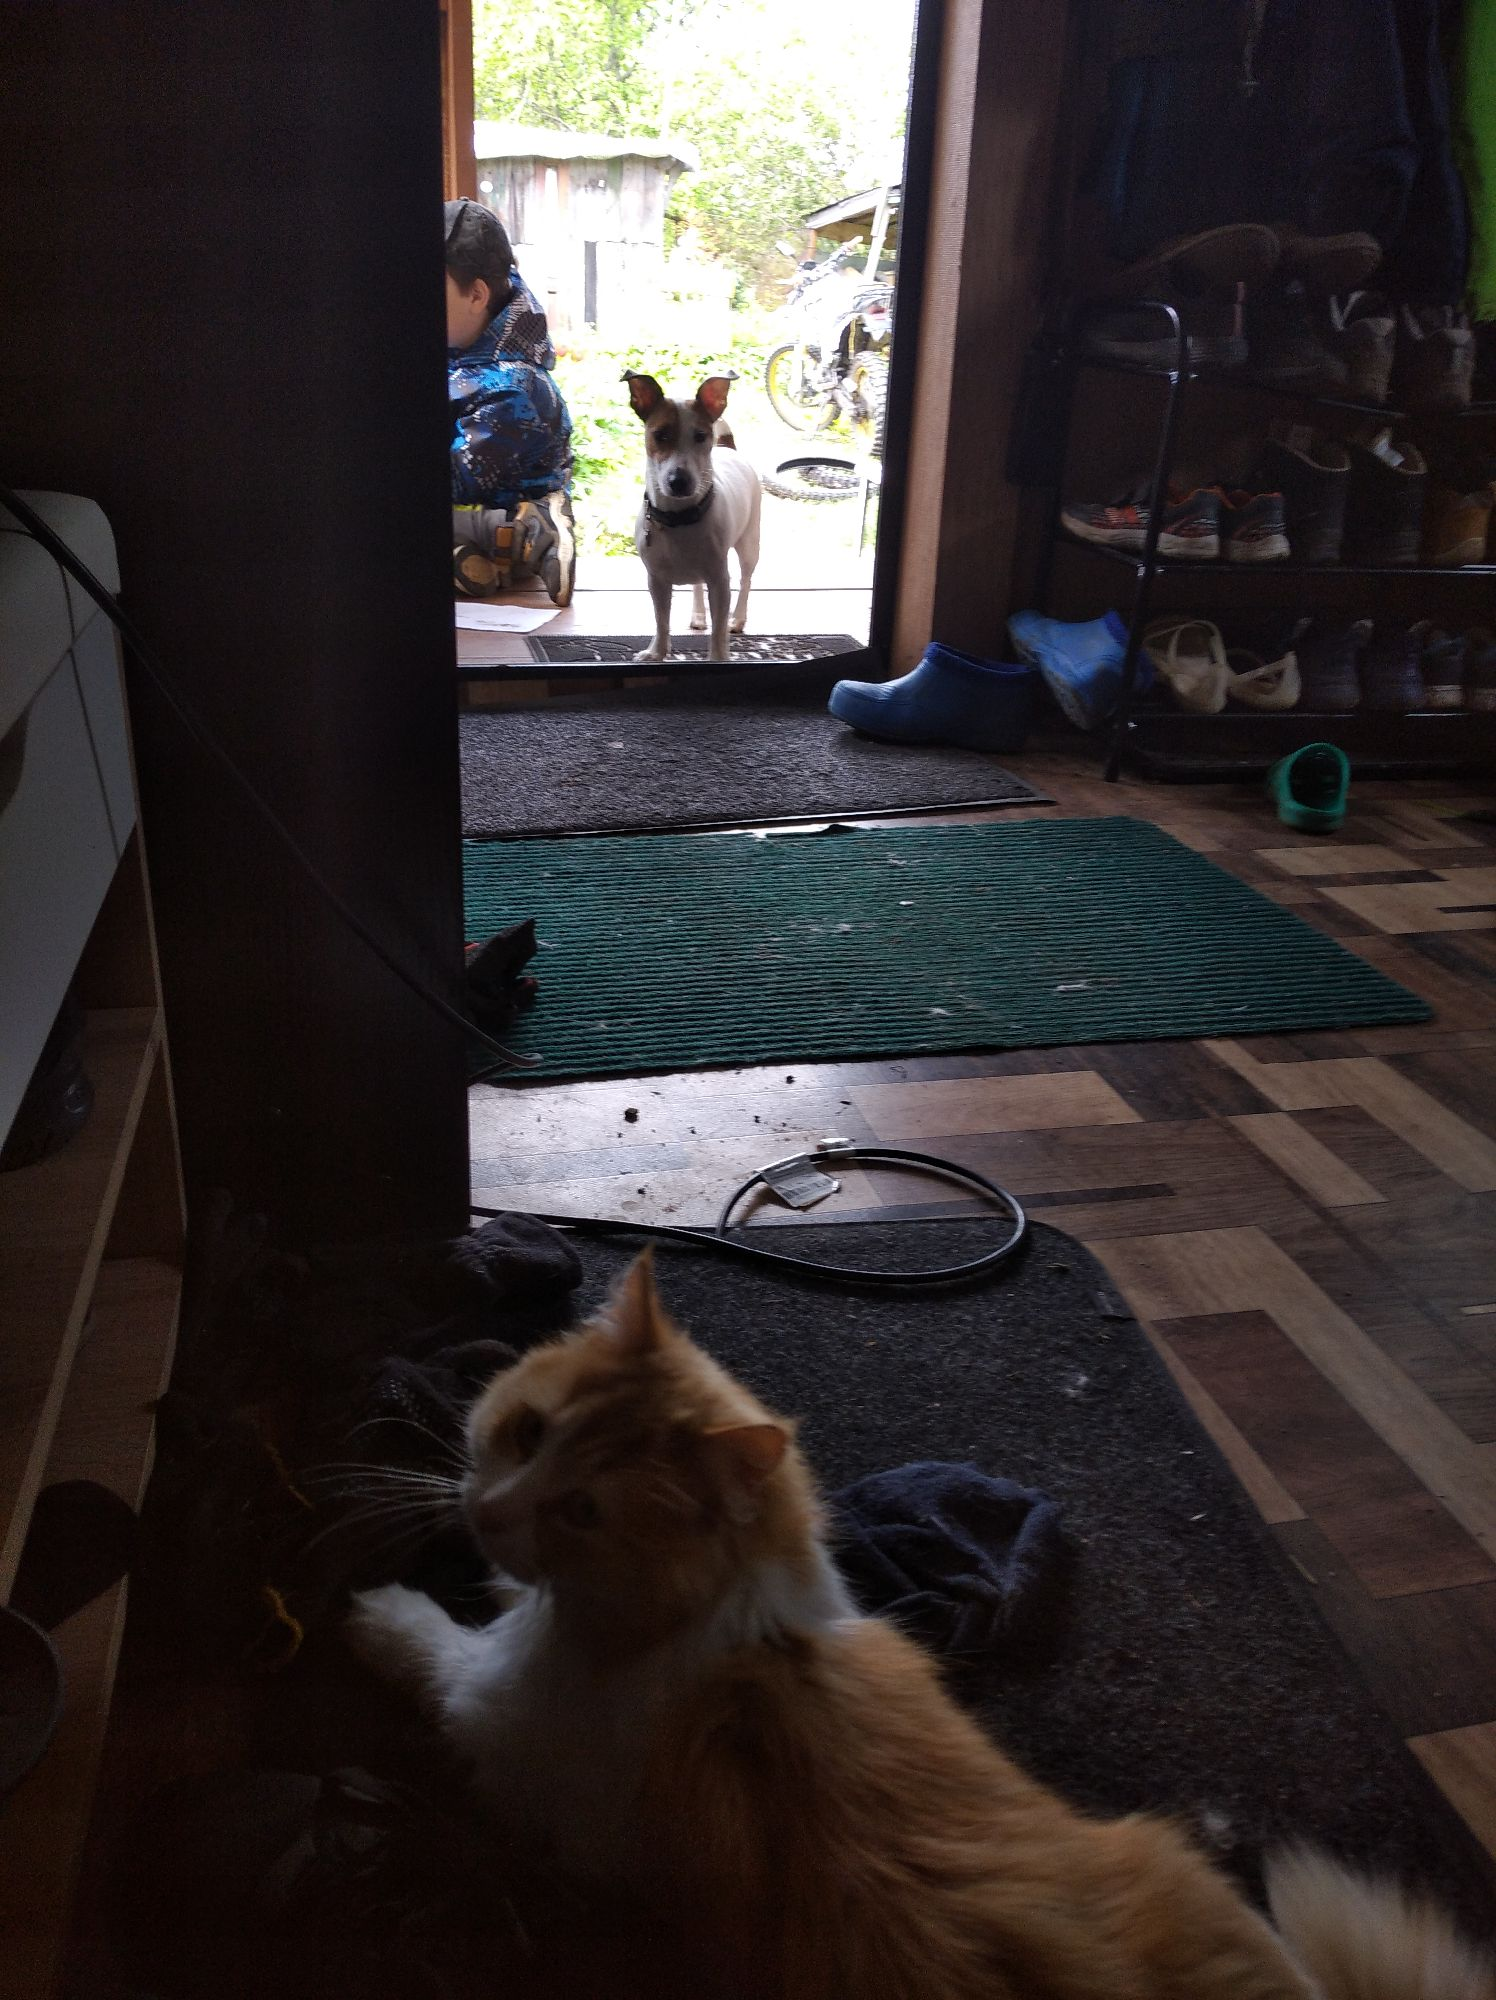 Кошка не пускает в дом чужую собаку, а собаченька скулит стоит от нетерпения